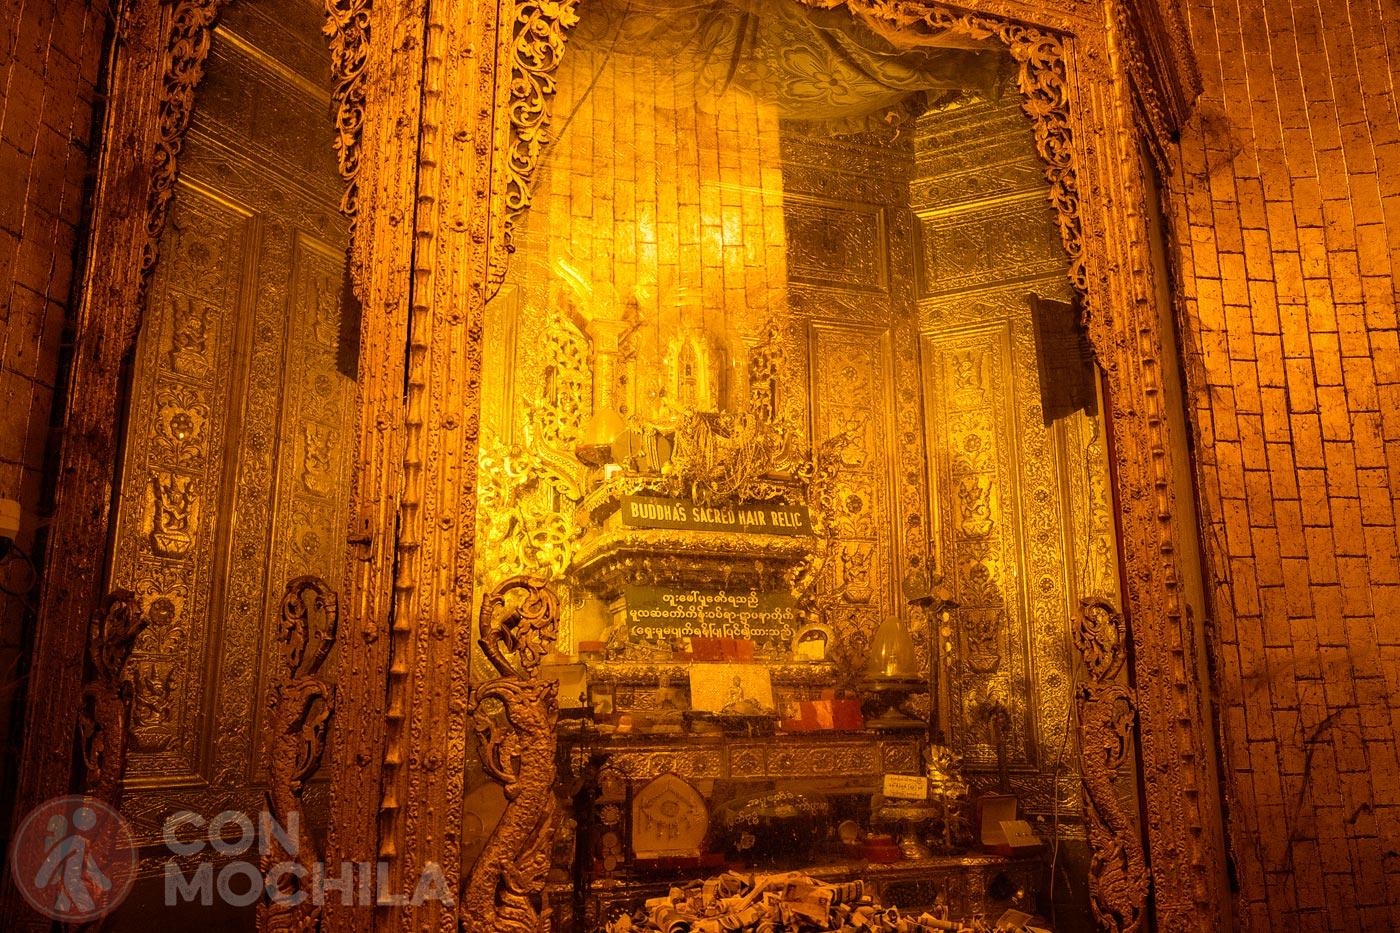 La reliquia de la pagoda: el cabello sagrado de Buda